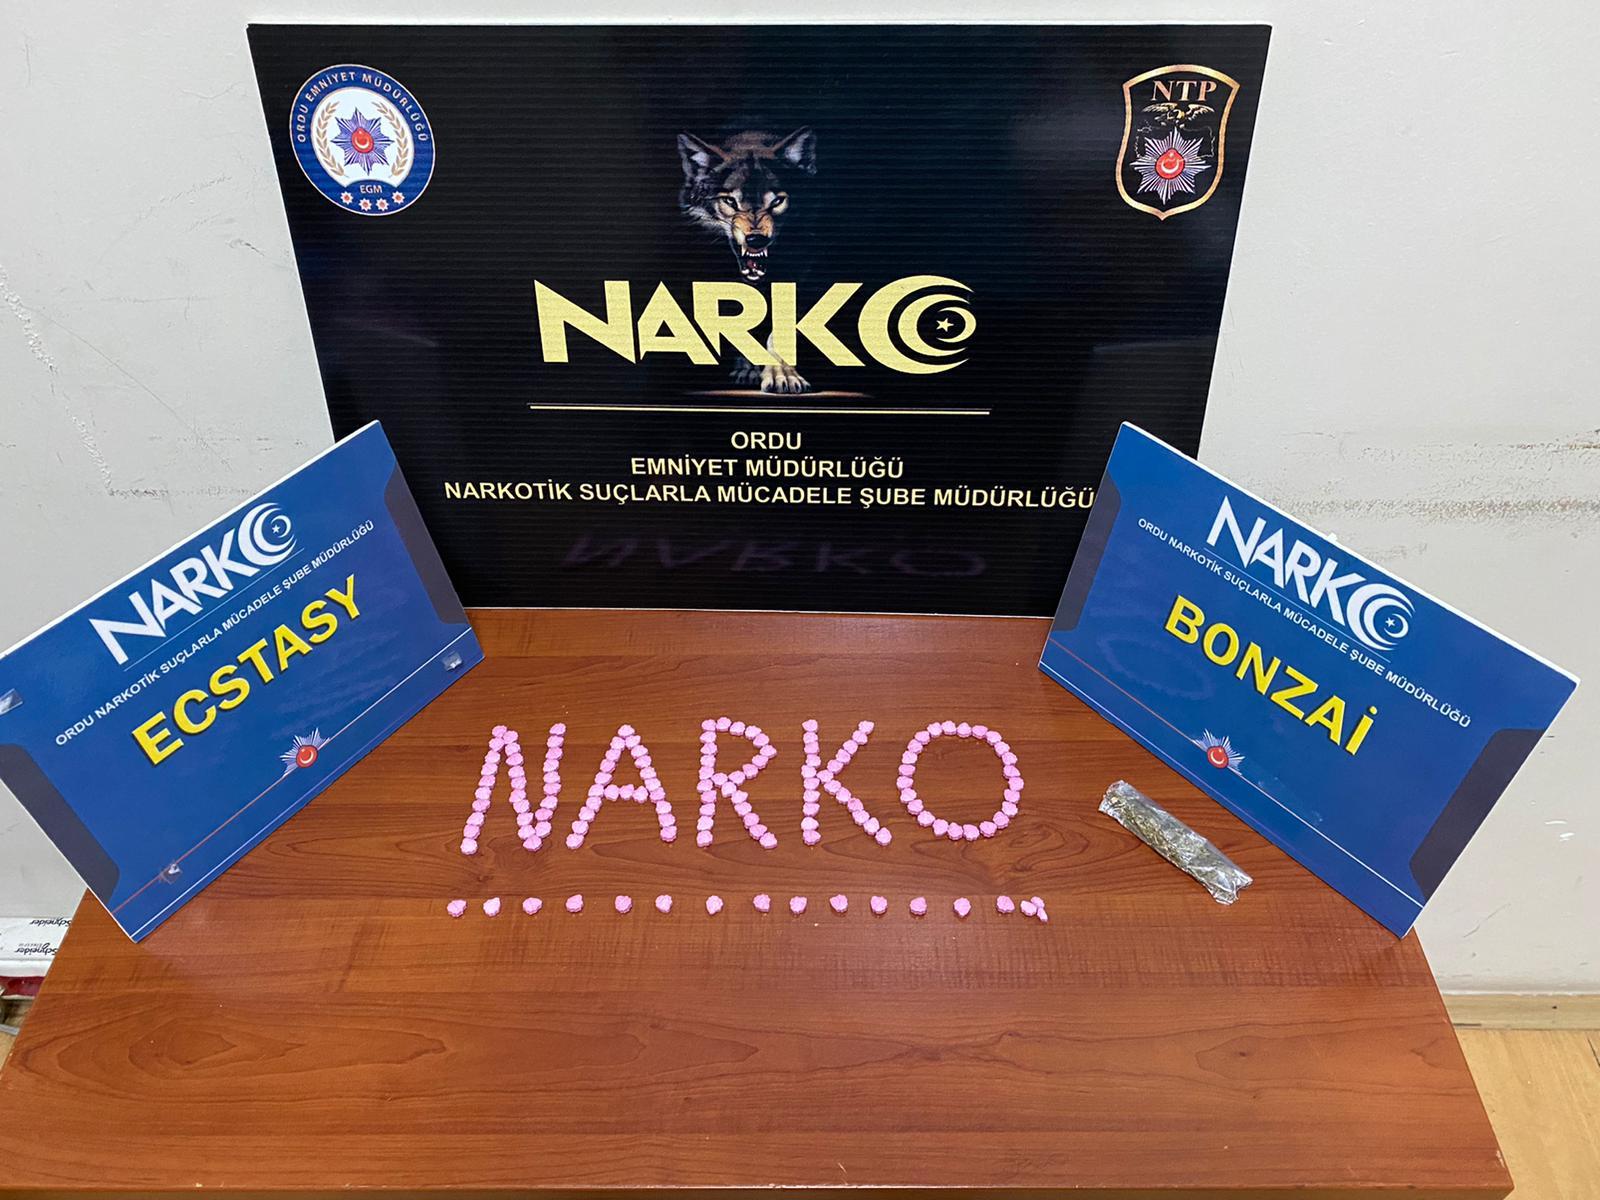 09 Kasım 2020 ile 15 Kasım 2020 tarihleri arası Narkotik Şube Müdürlüğü Faaliyetleri